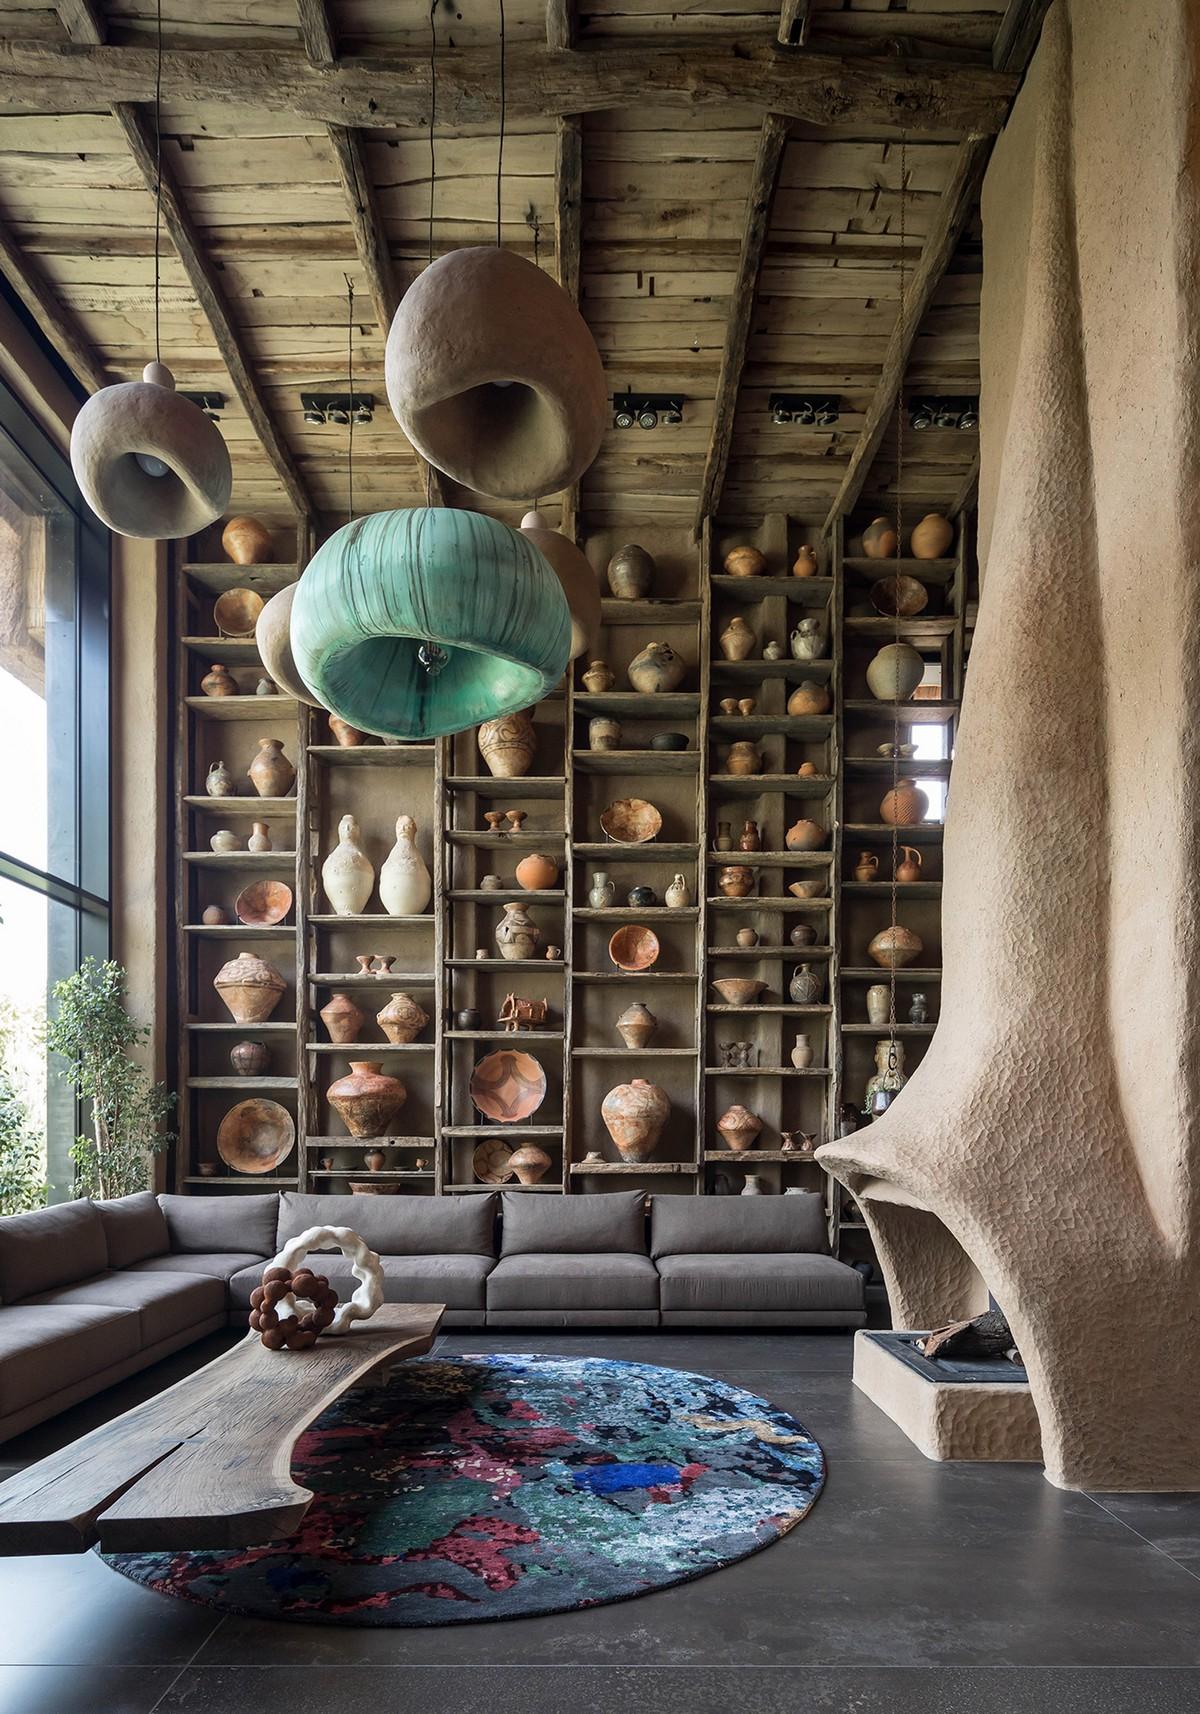 Дом в современном украинском стиле, но с японской философией